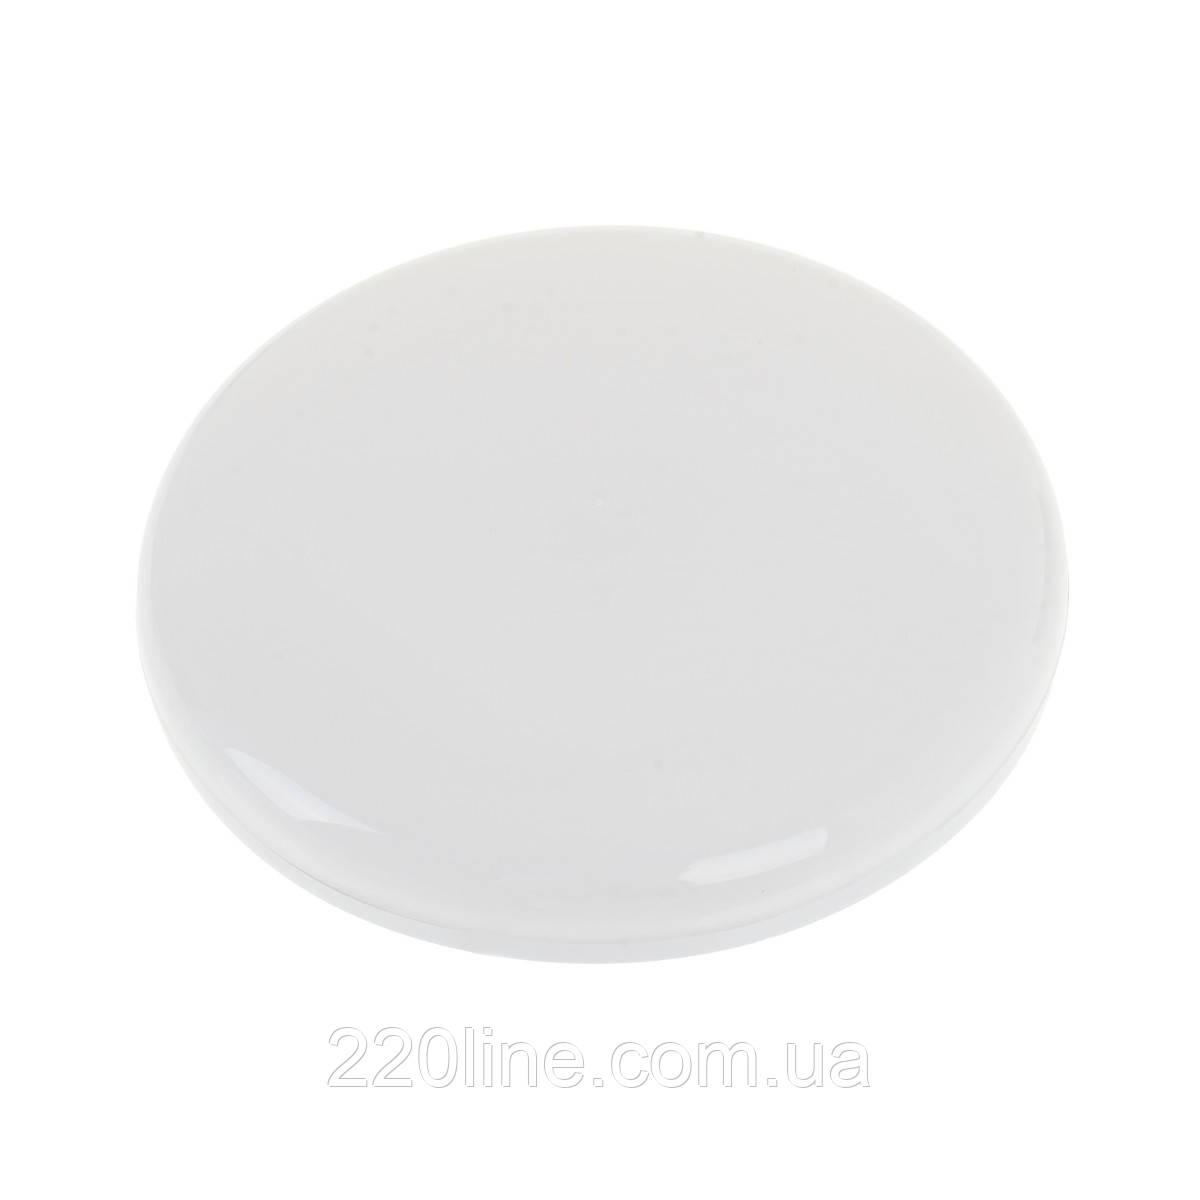 Светильник потолочный накладной светодиодный LED-471/36W NW